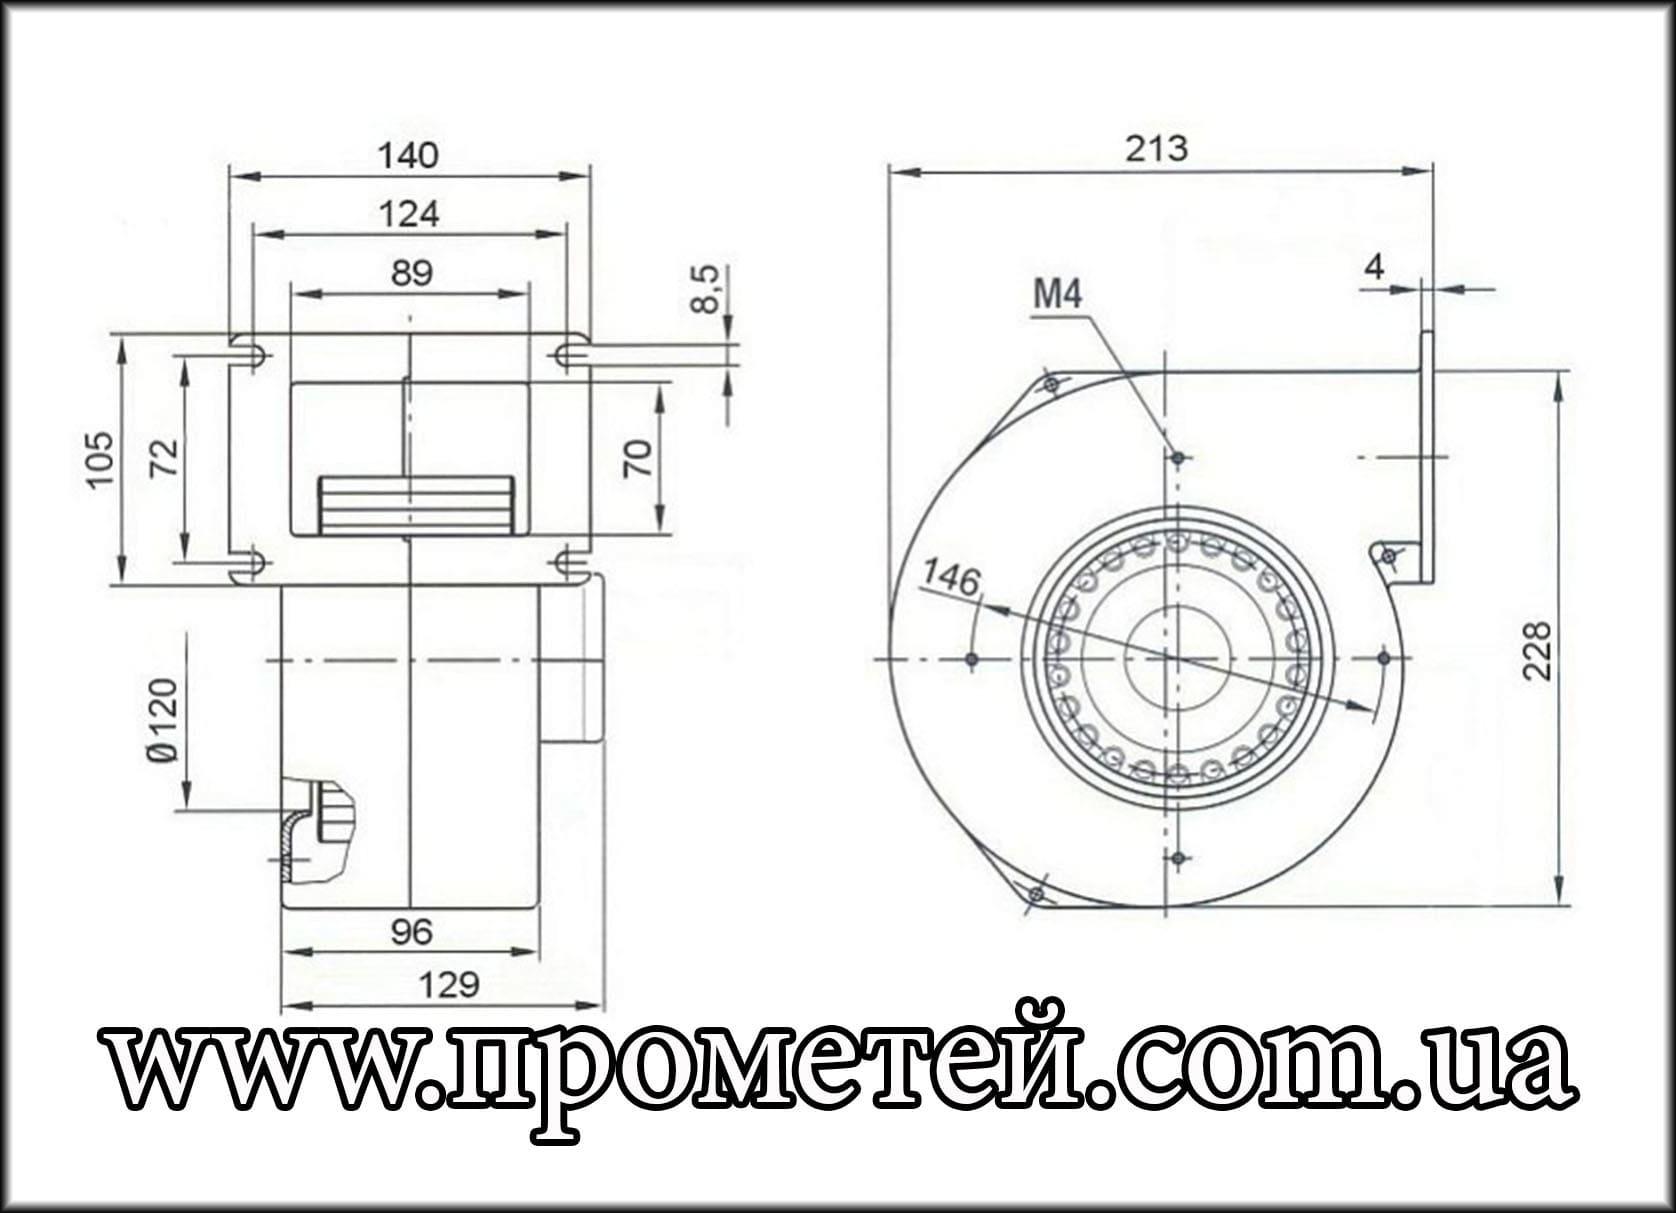 Габаритные размеры вентилятора ВПА 145